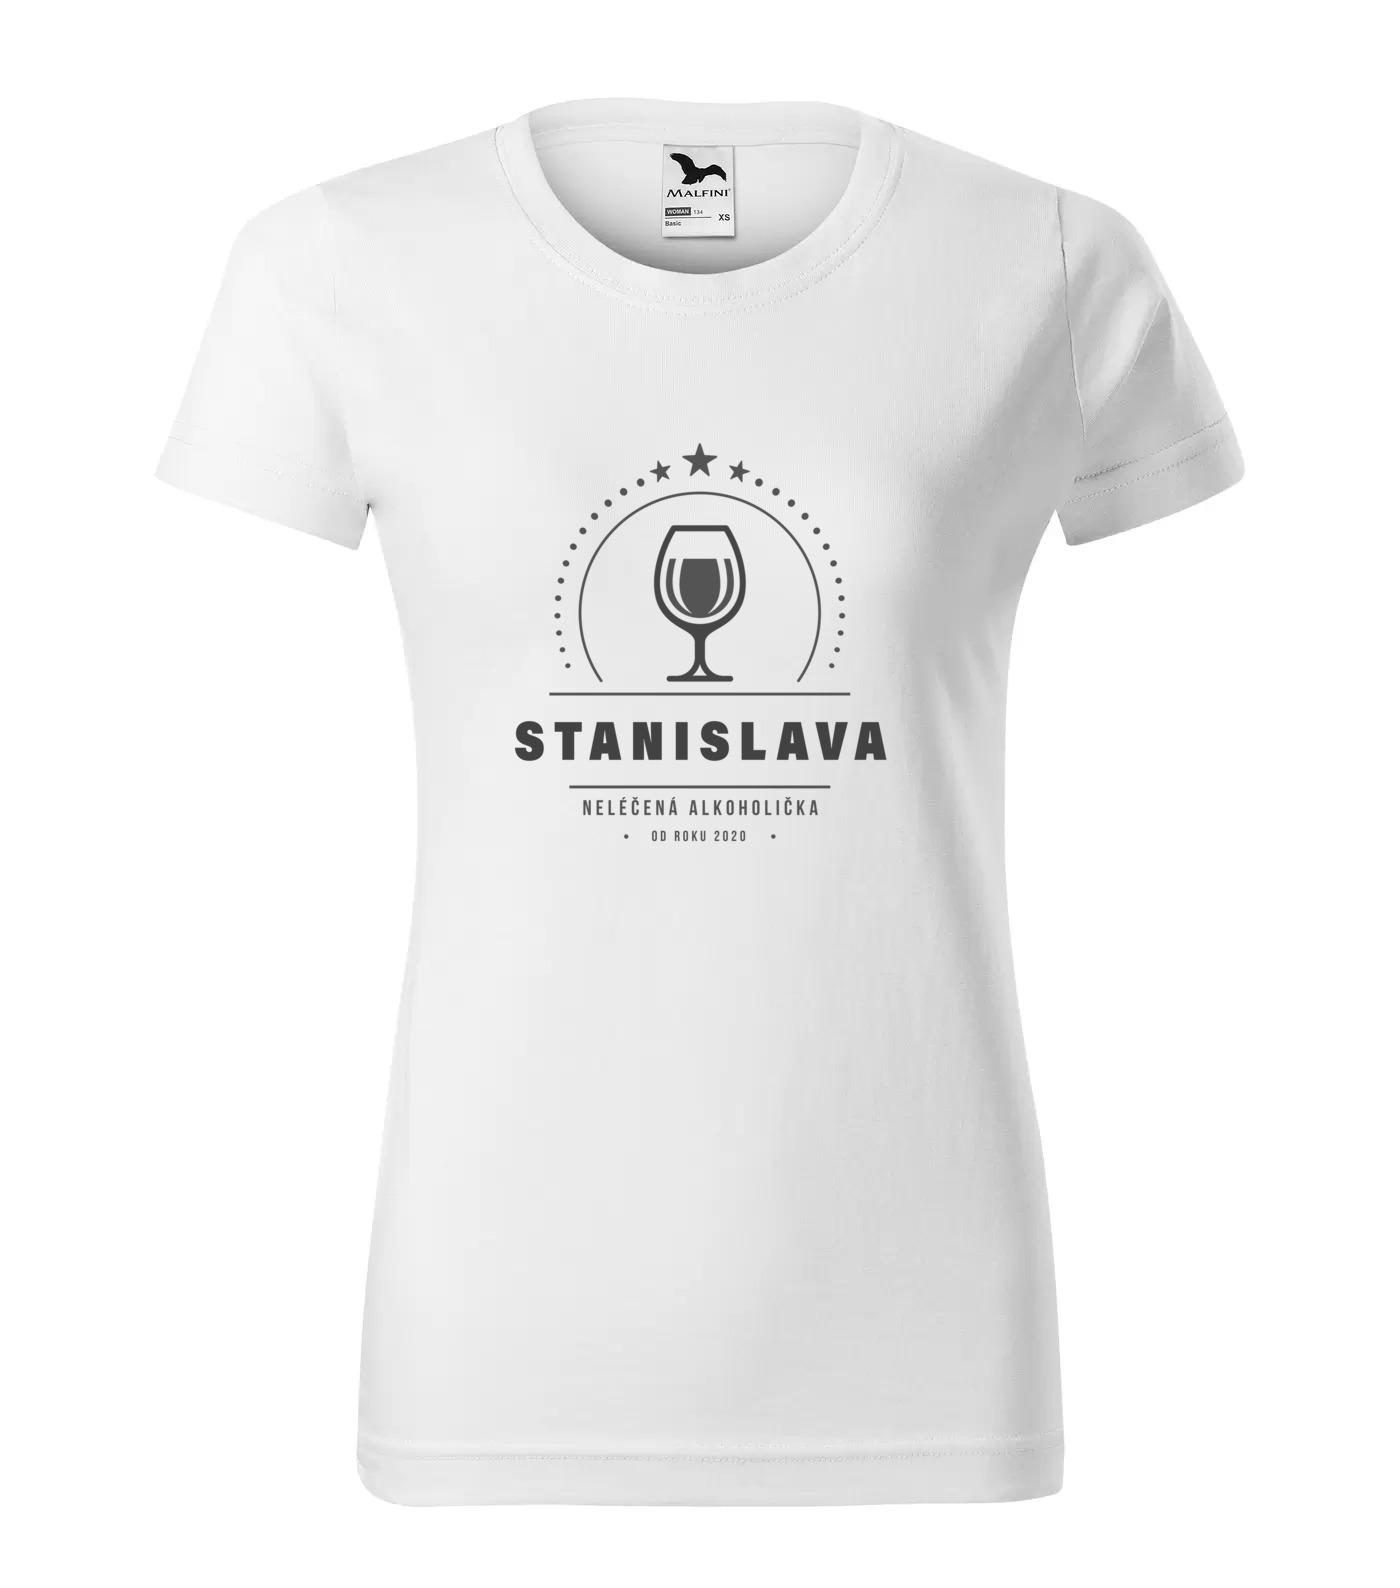 Tričko Alkoholička Stanislava